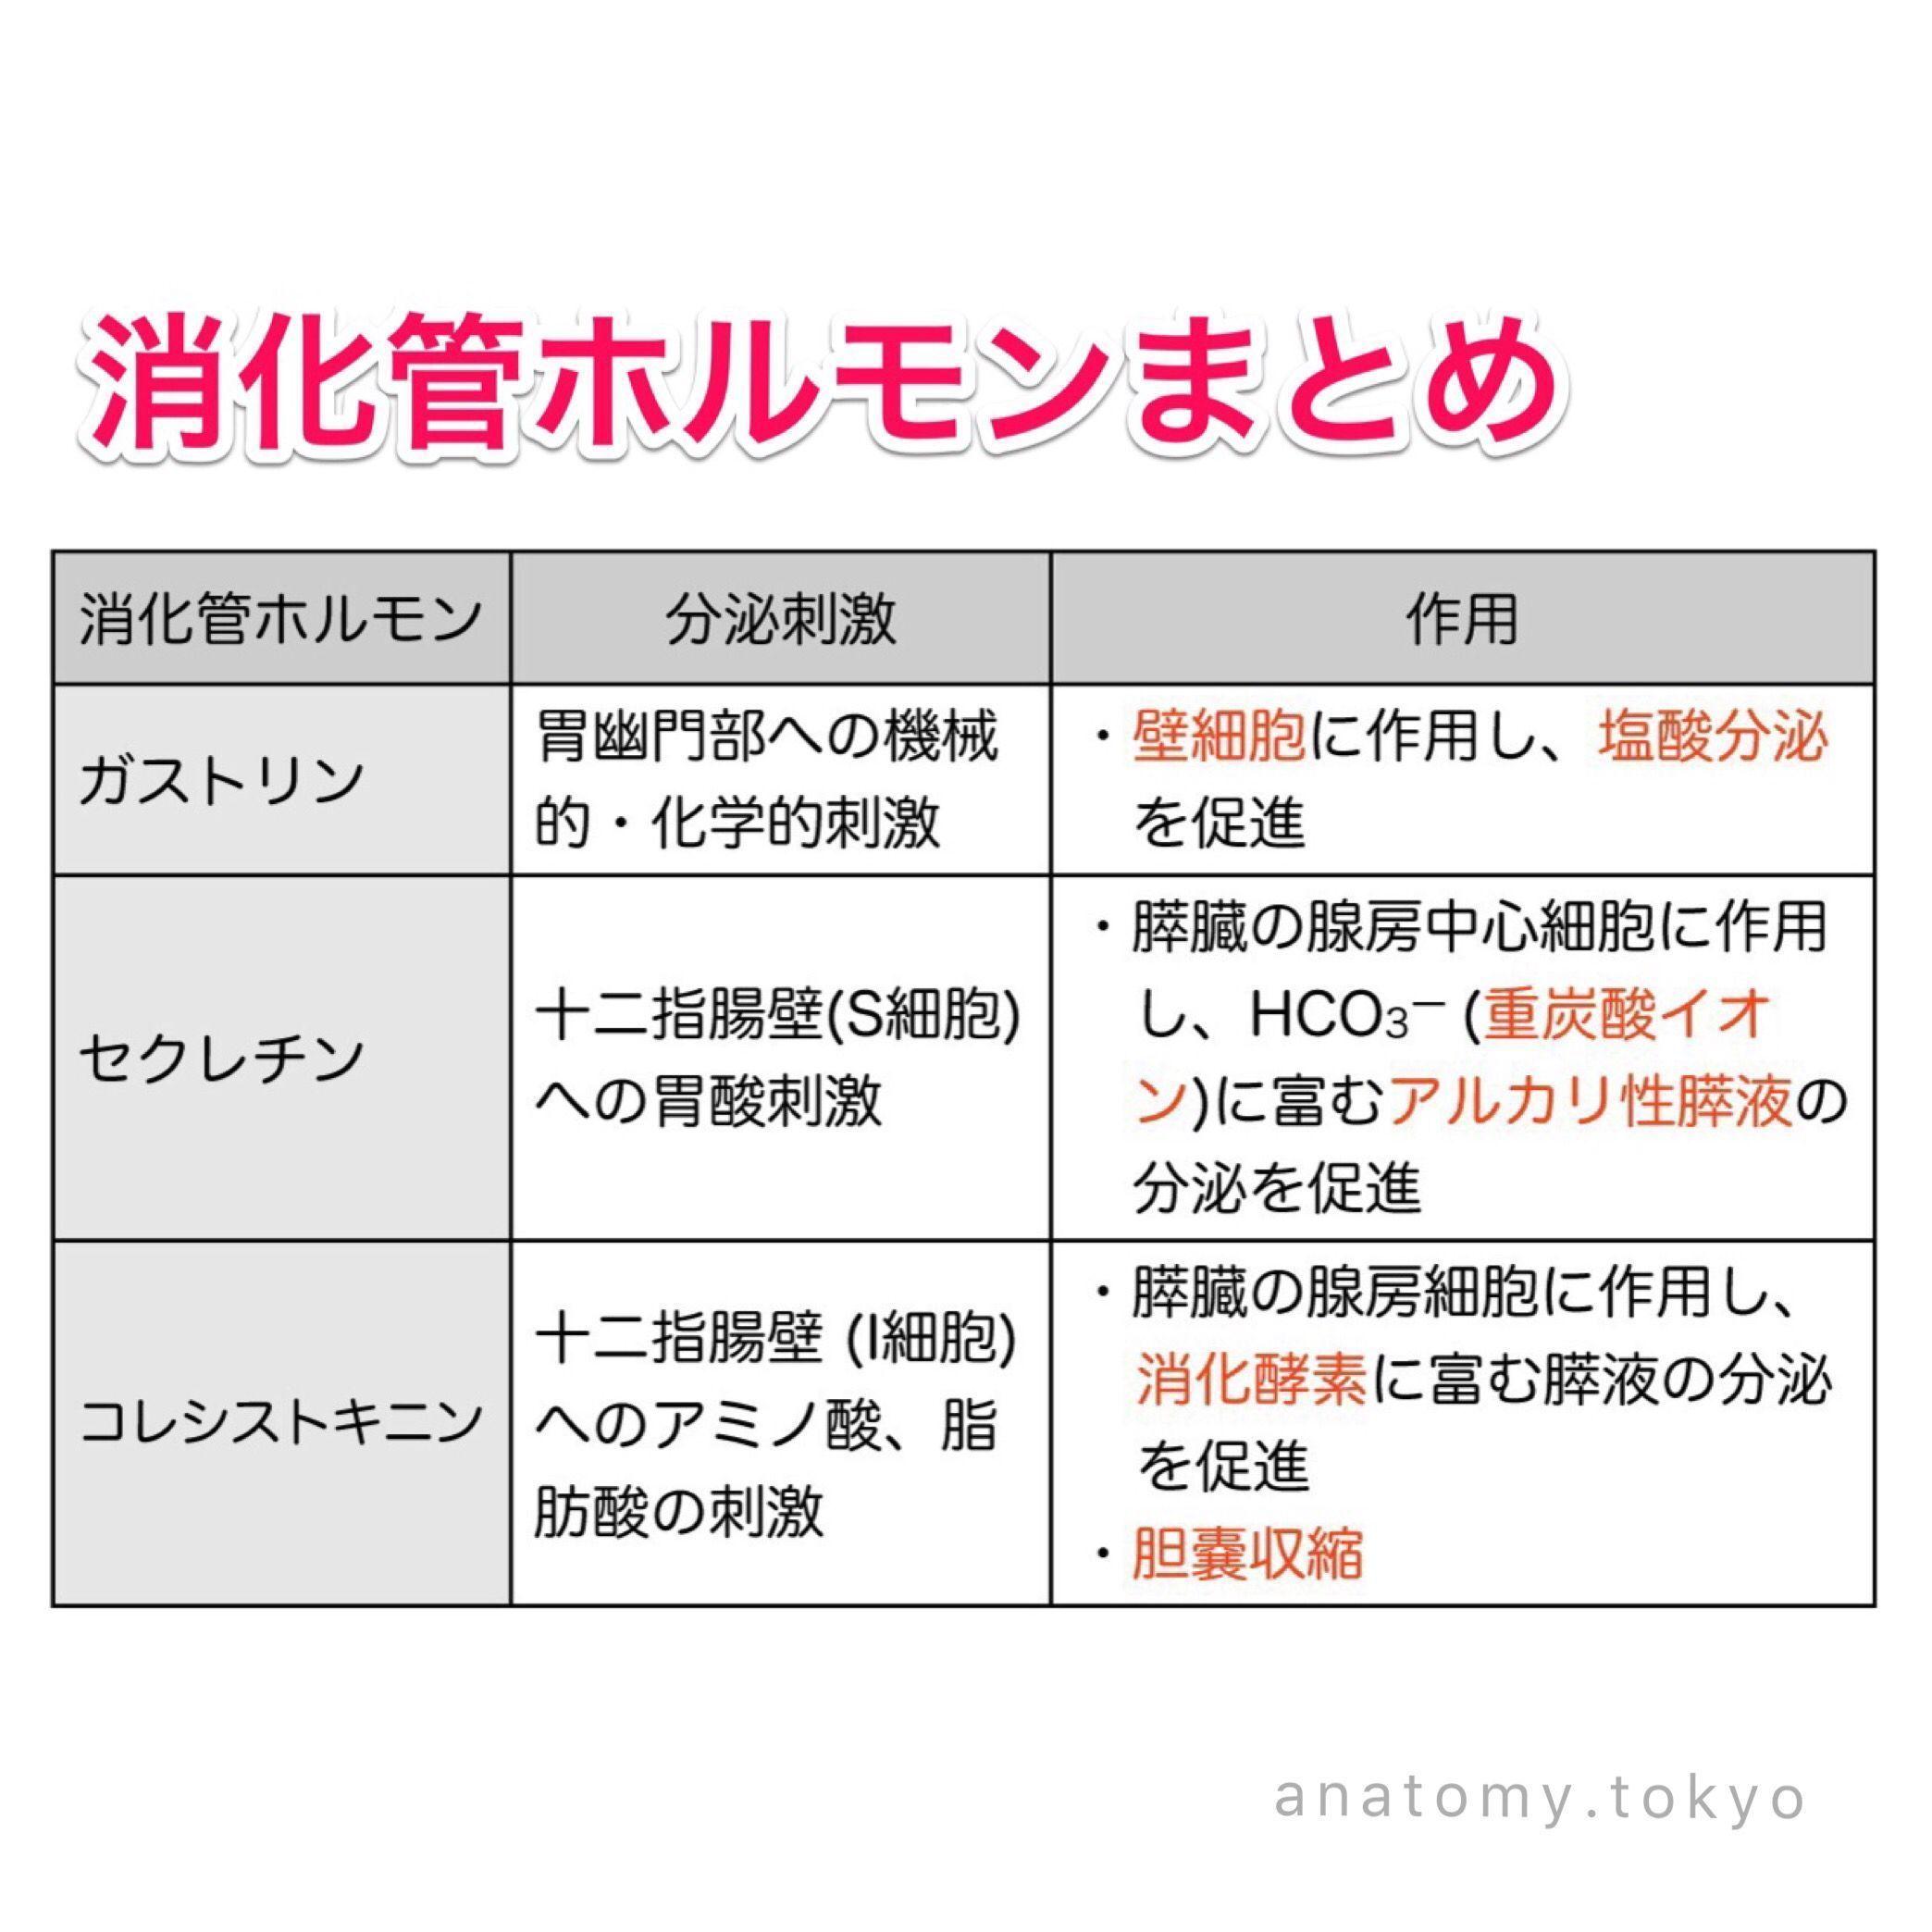 ボード Anatomy Tokyo のピン